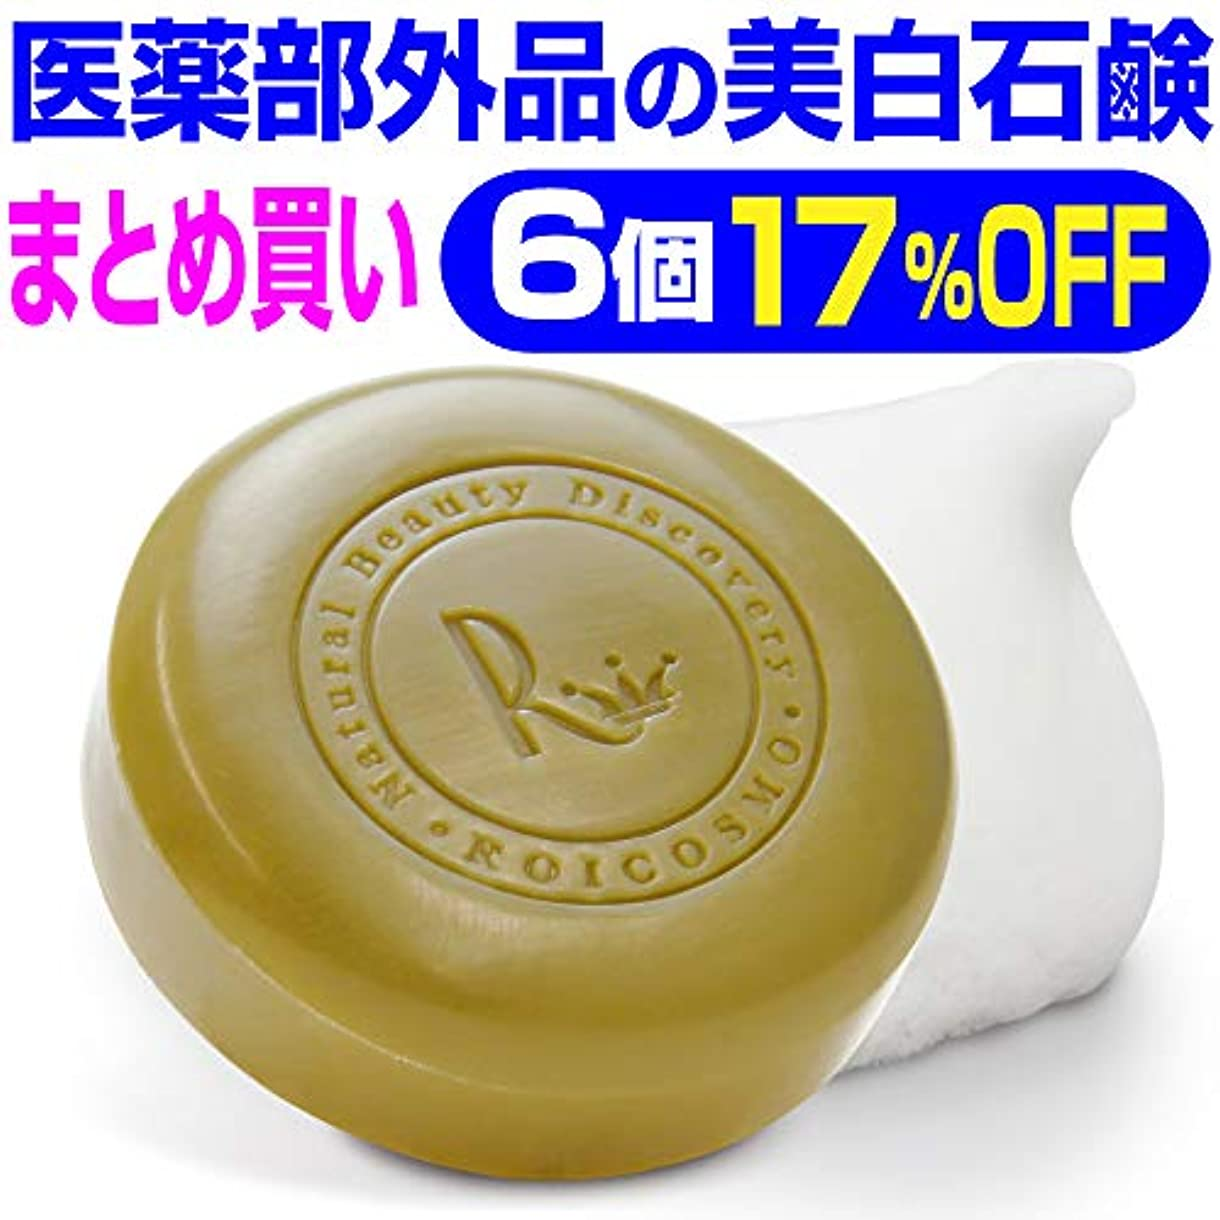 鉄申し立てシャイニング6個まとめ買い17%OFF 美白石鹸/ビタミンC270倍の美白成分配合の 洗顔石鹸『ホワイトソープ100g×6個』